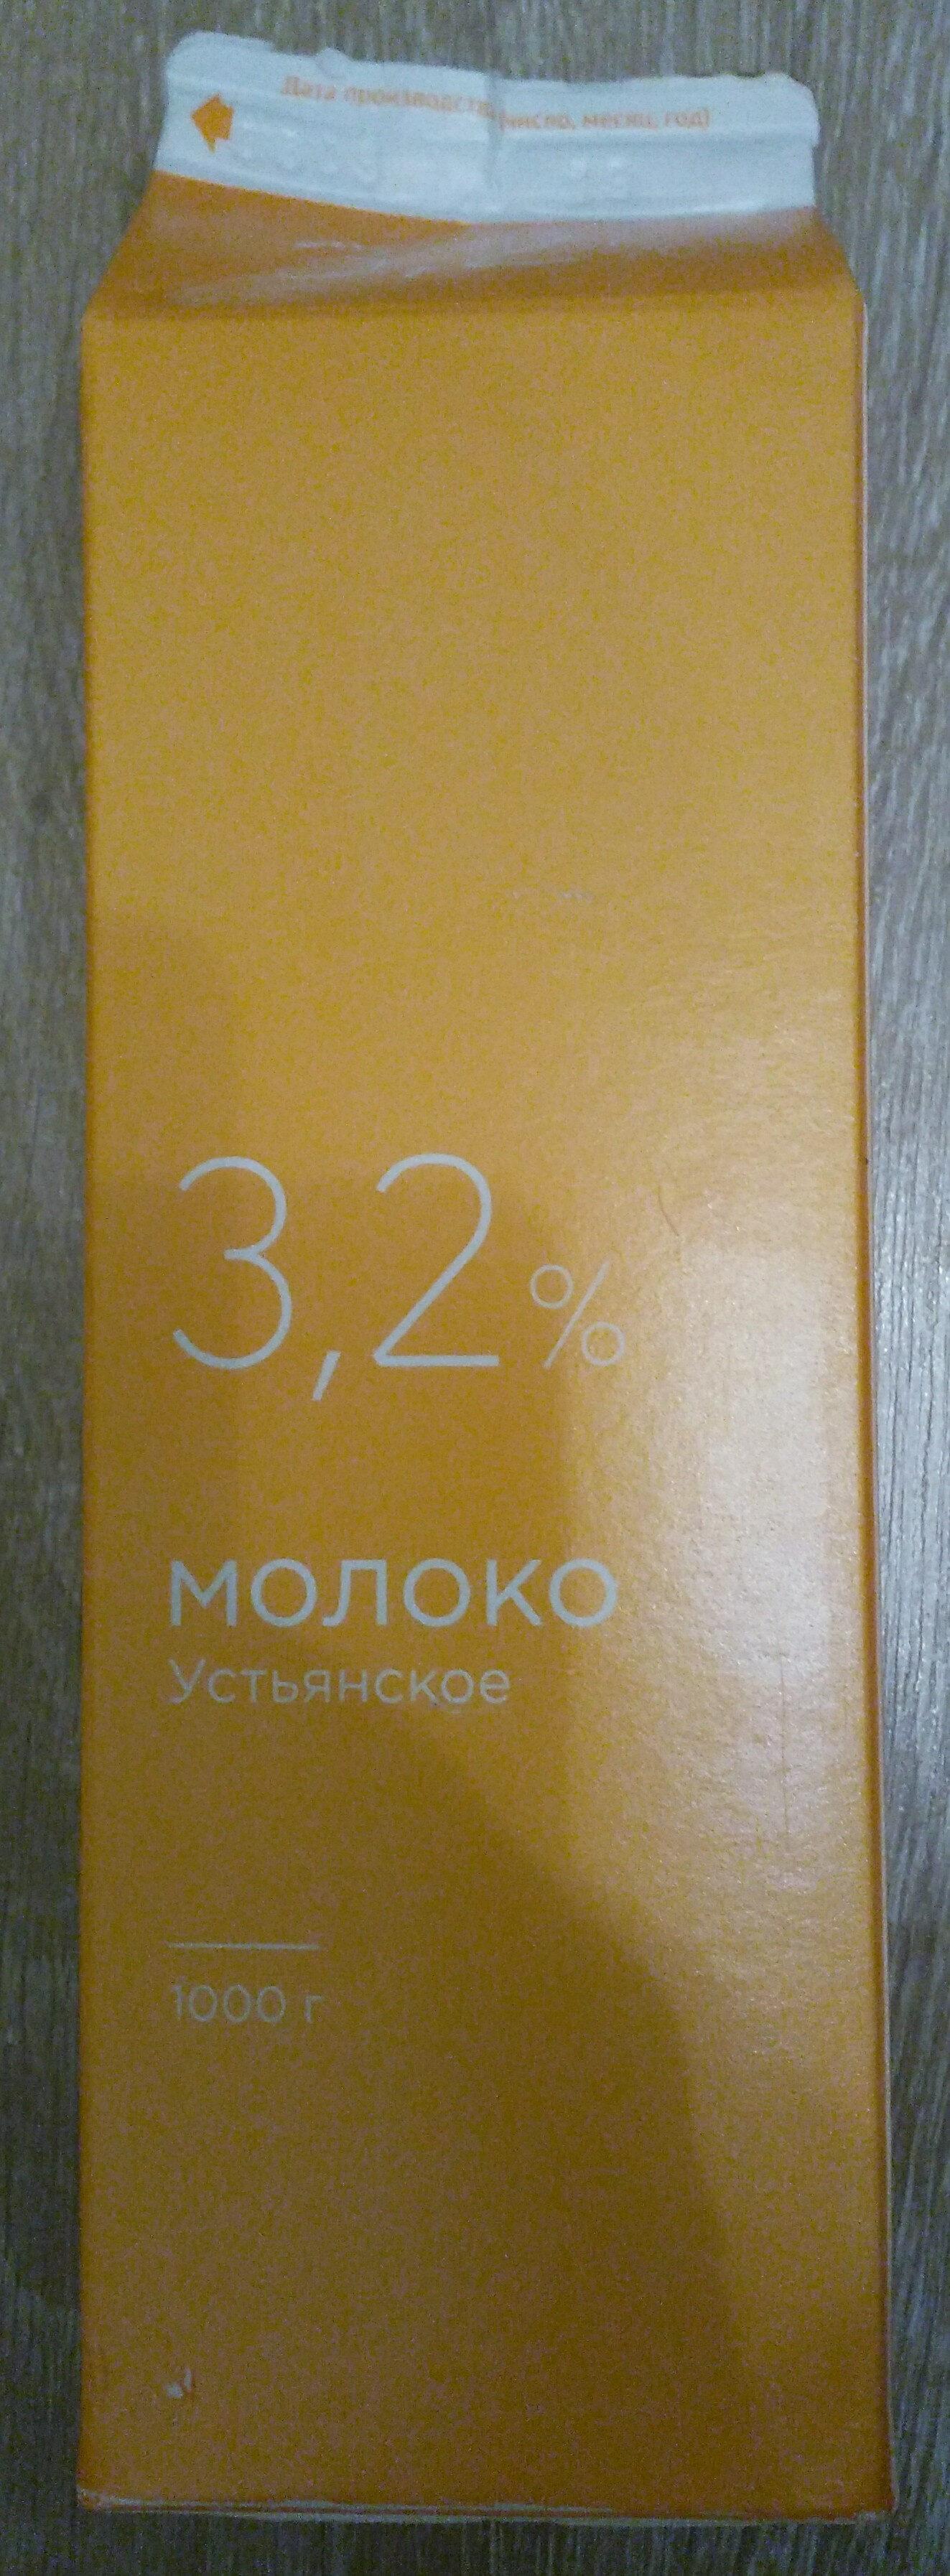 Молоко устьянское 3,2% - Product - ru